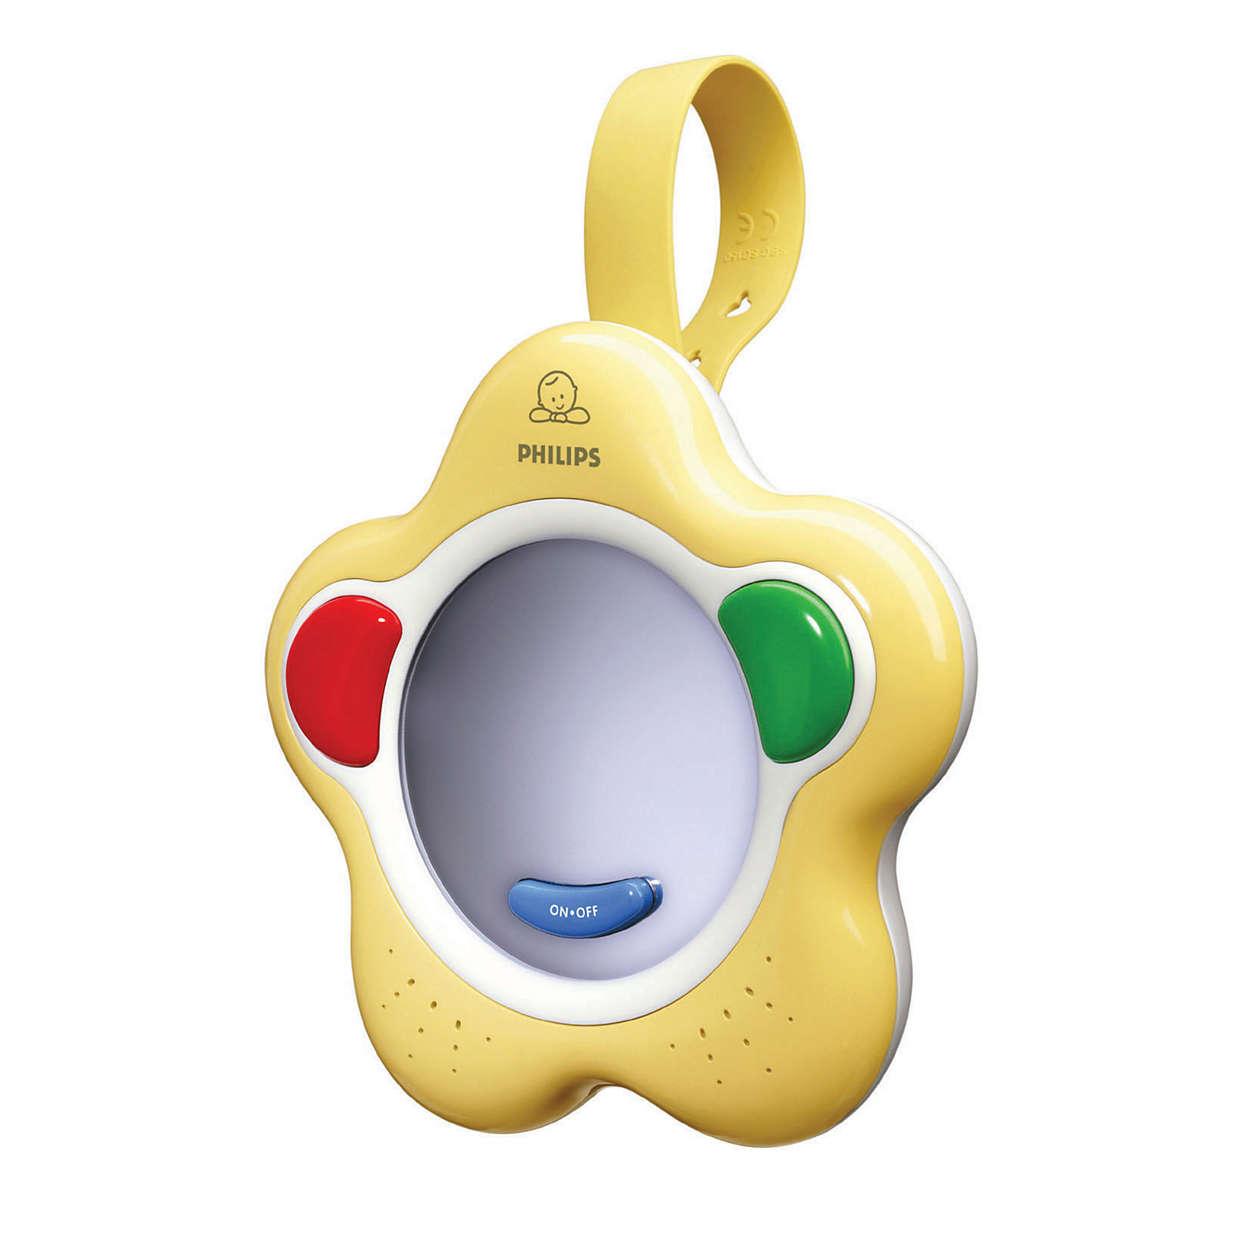 Incoraggia il bambino a pronunciare i primi suoni e parole